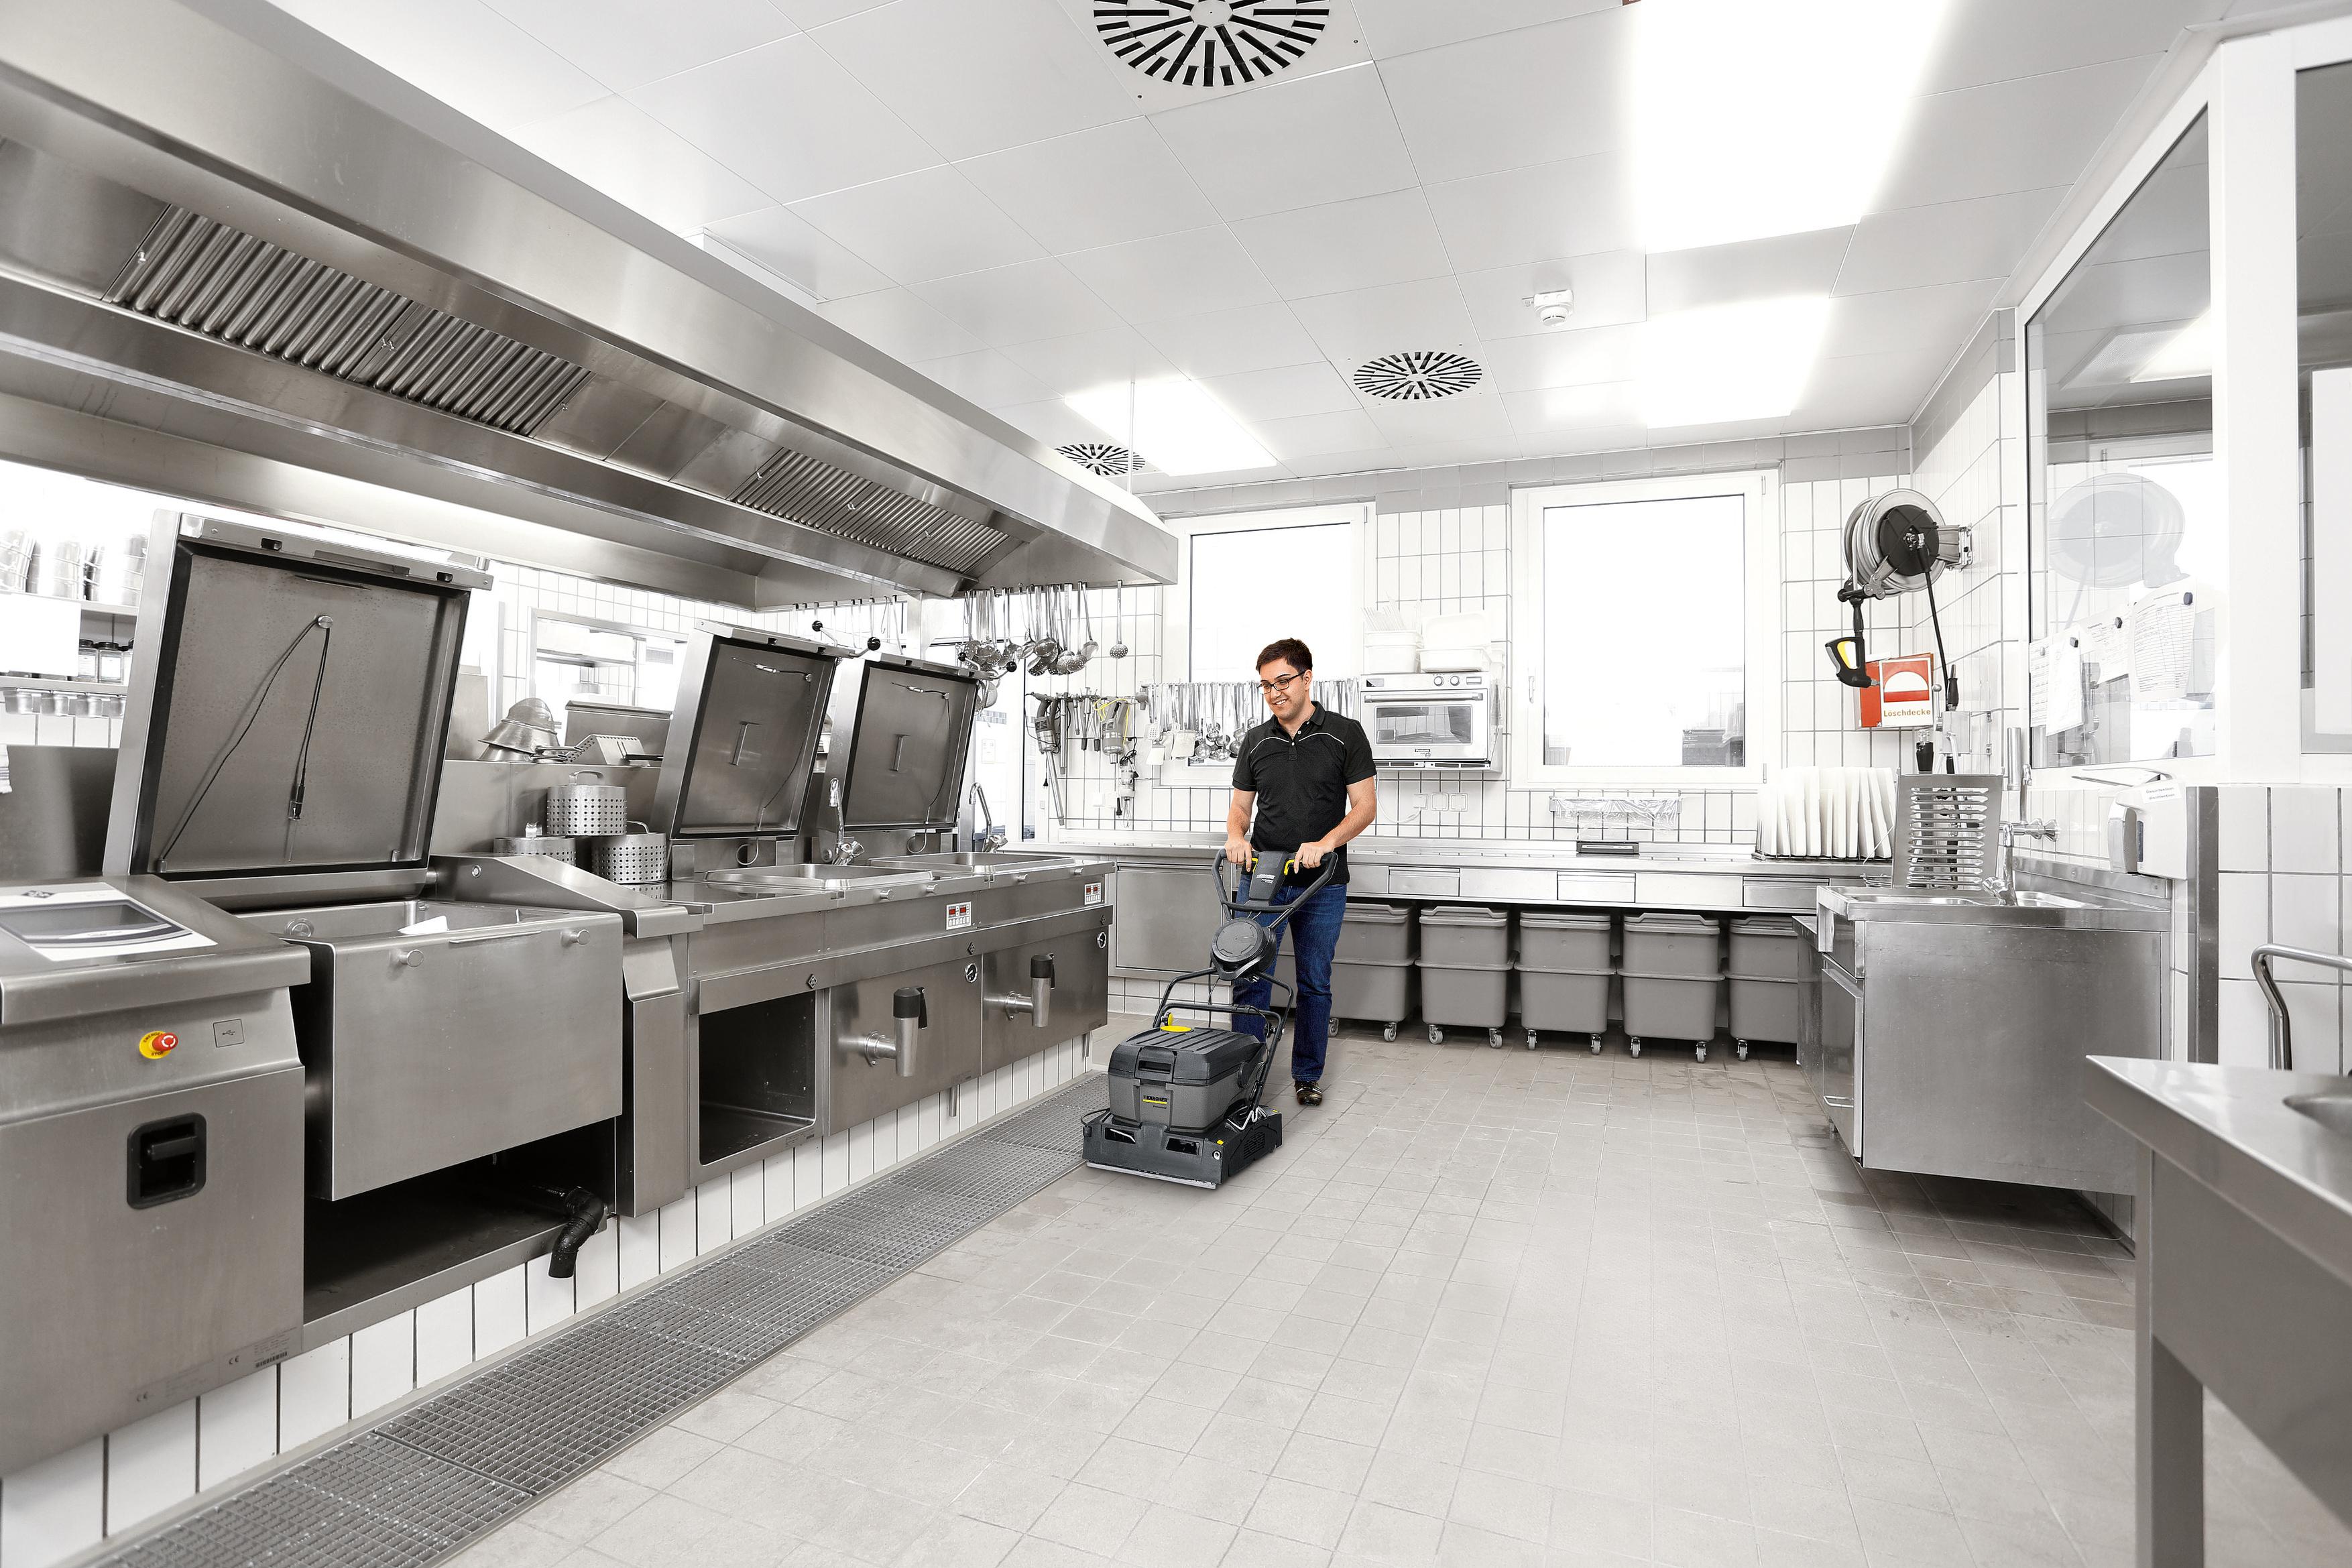 Reinigung in einer Küche mit einer Kärcher Scheuermaschine